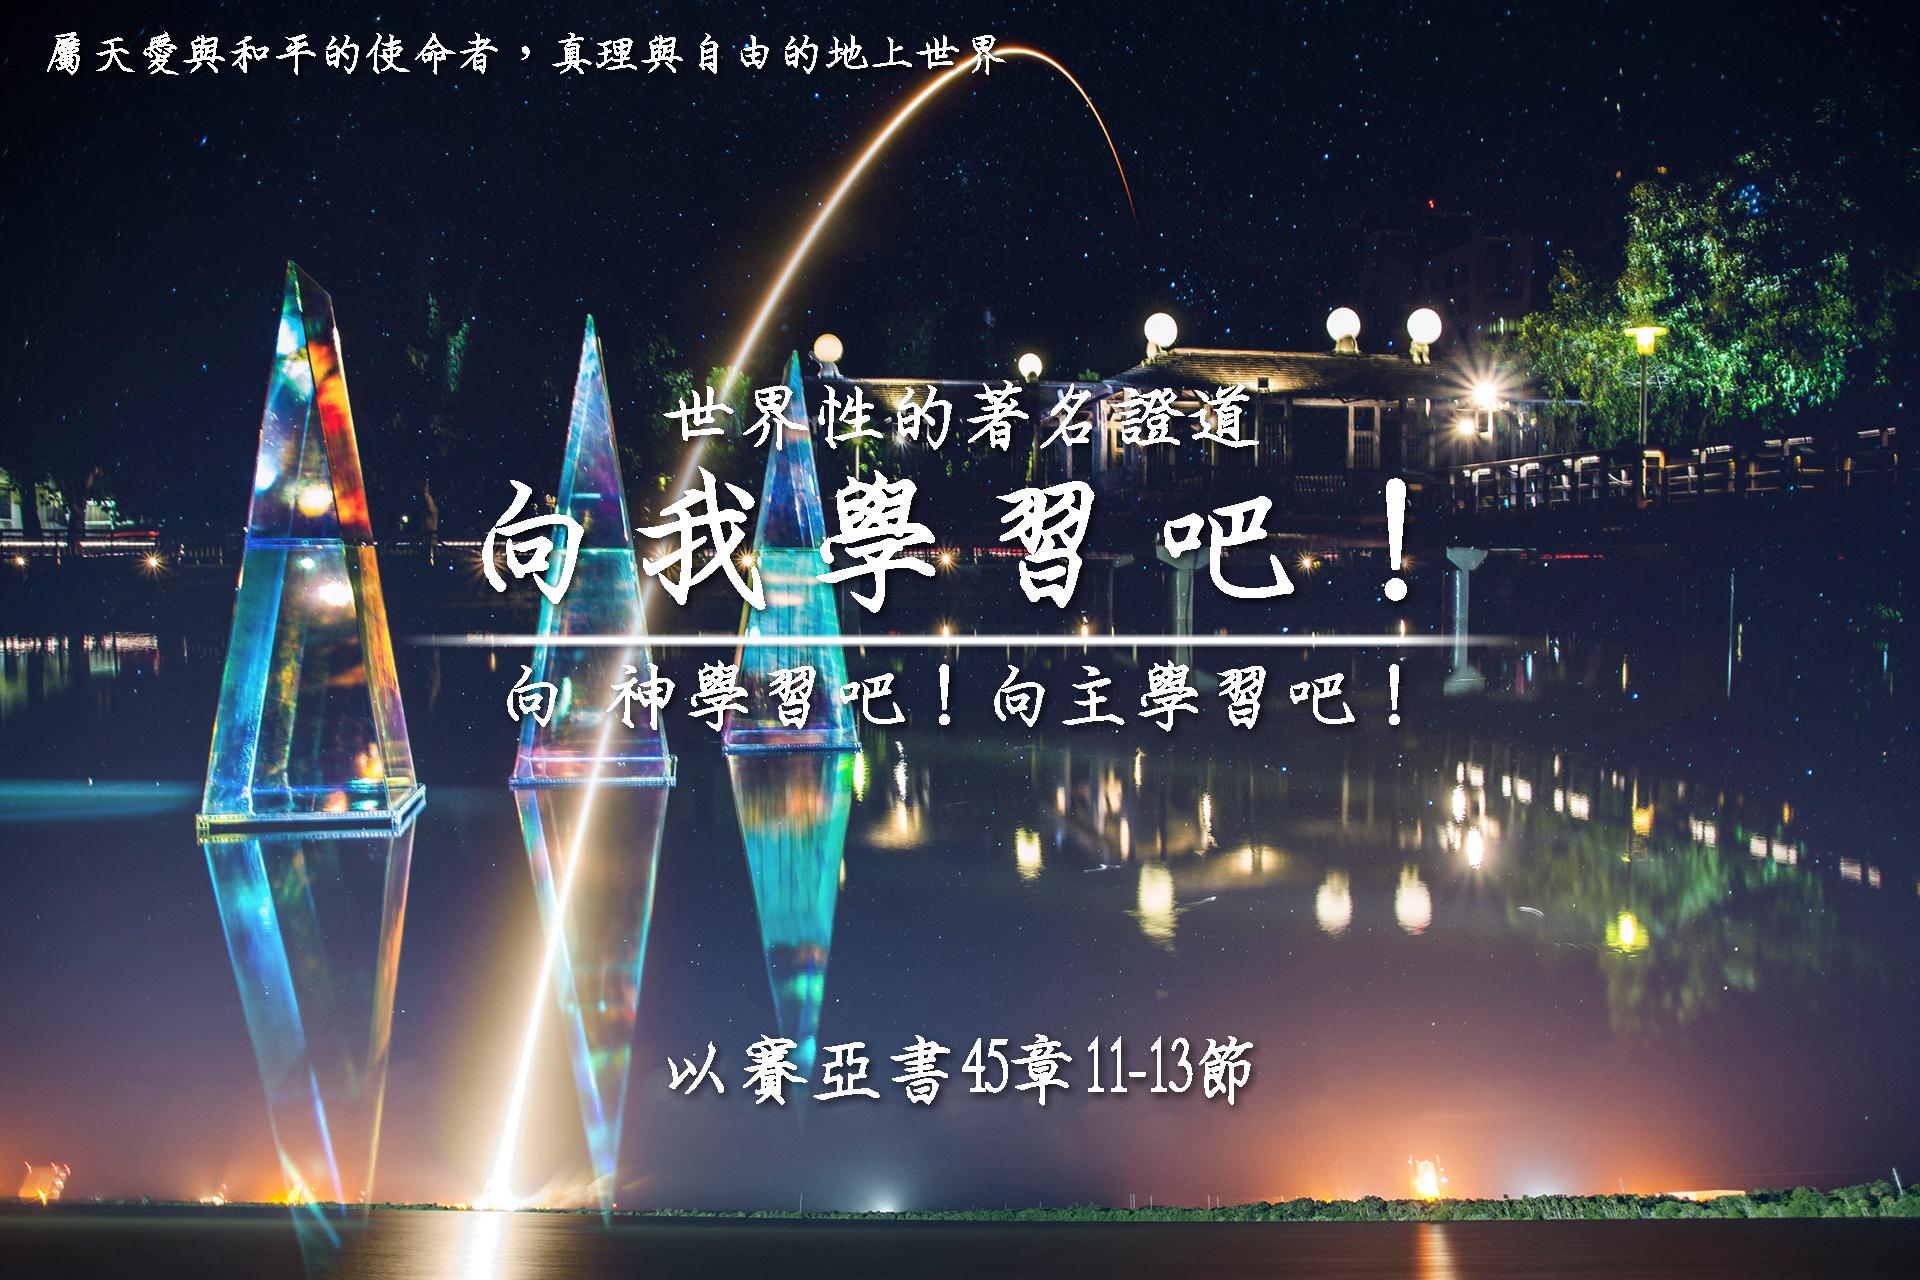 2016-08-24世界性的著名證道~向我學習吧! (向 神學習吧!向主學習吧!)